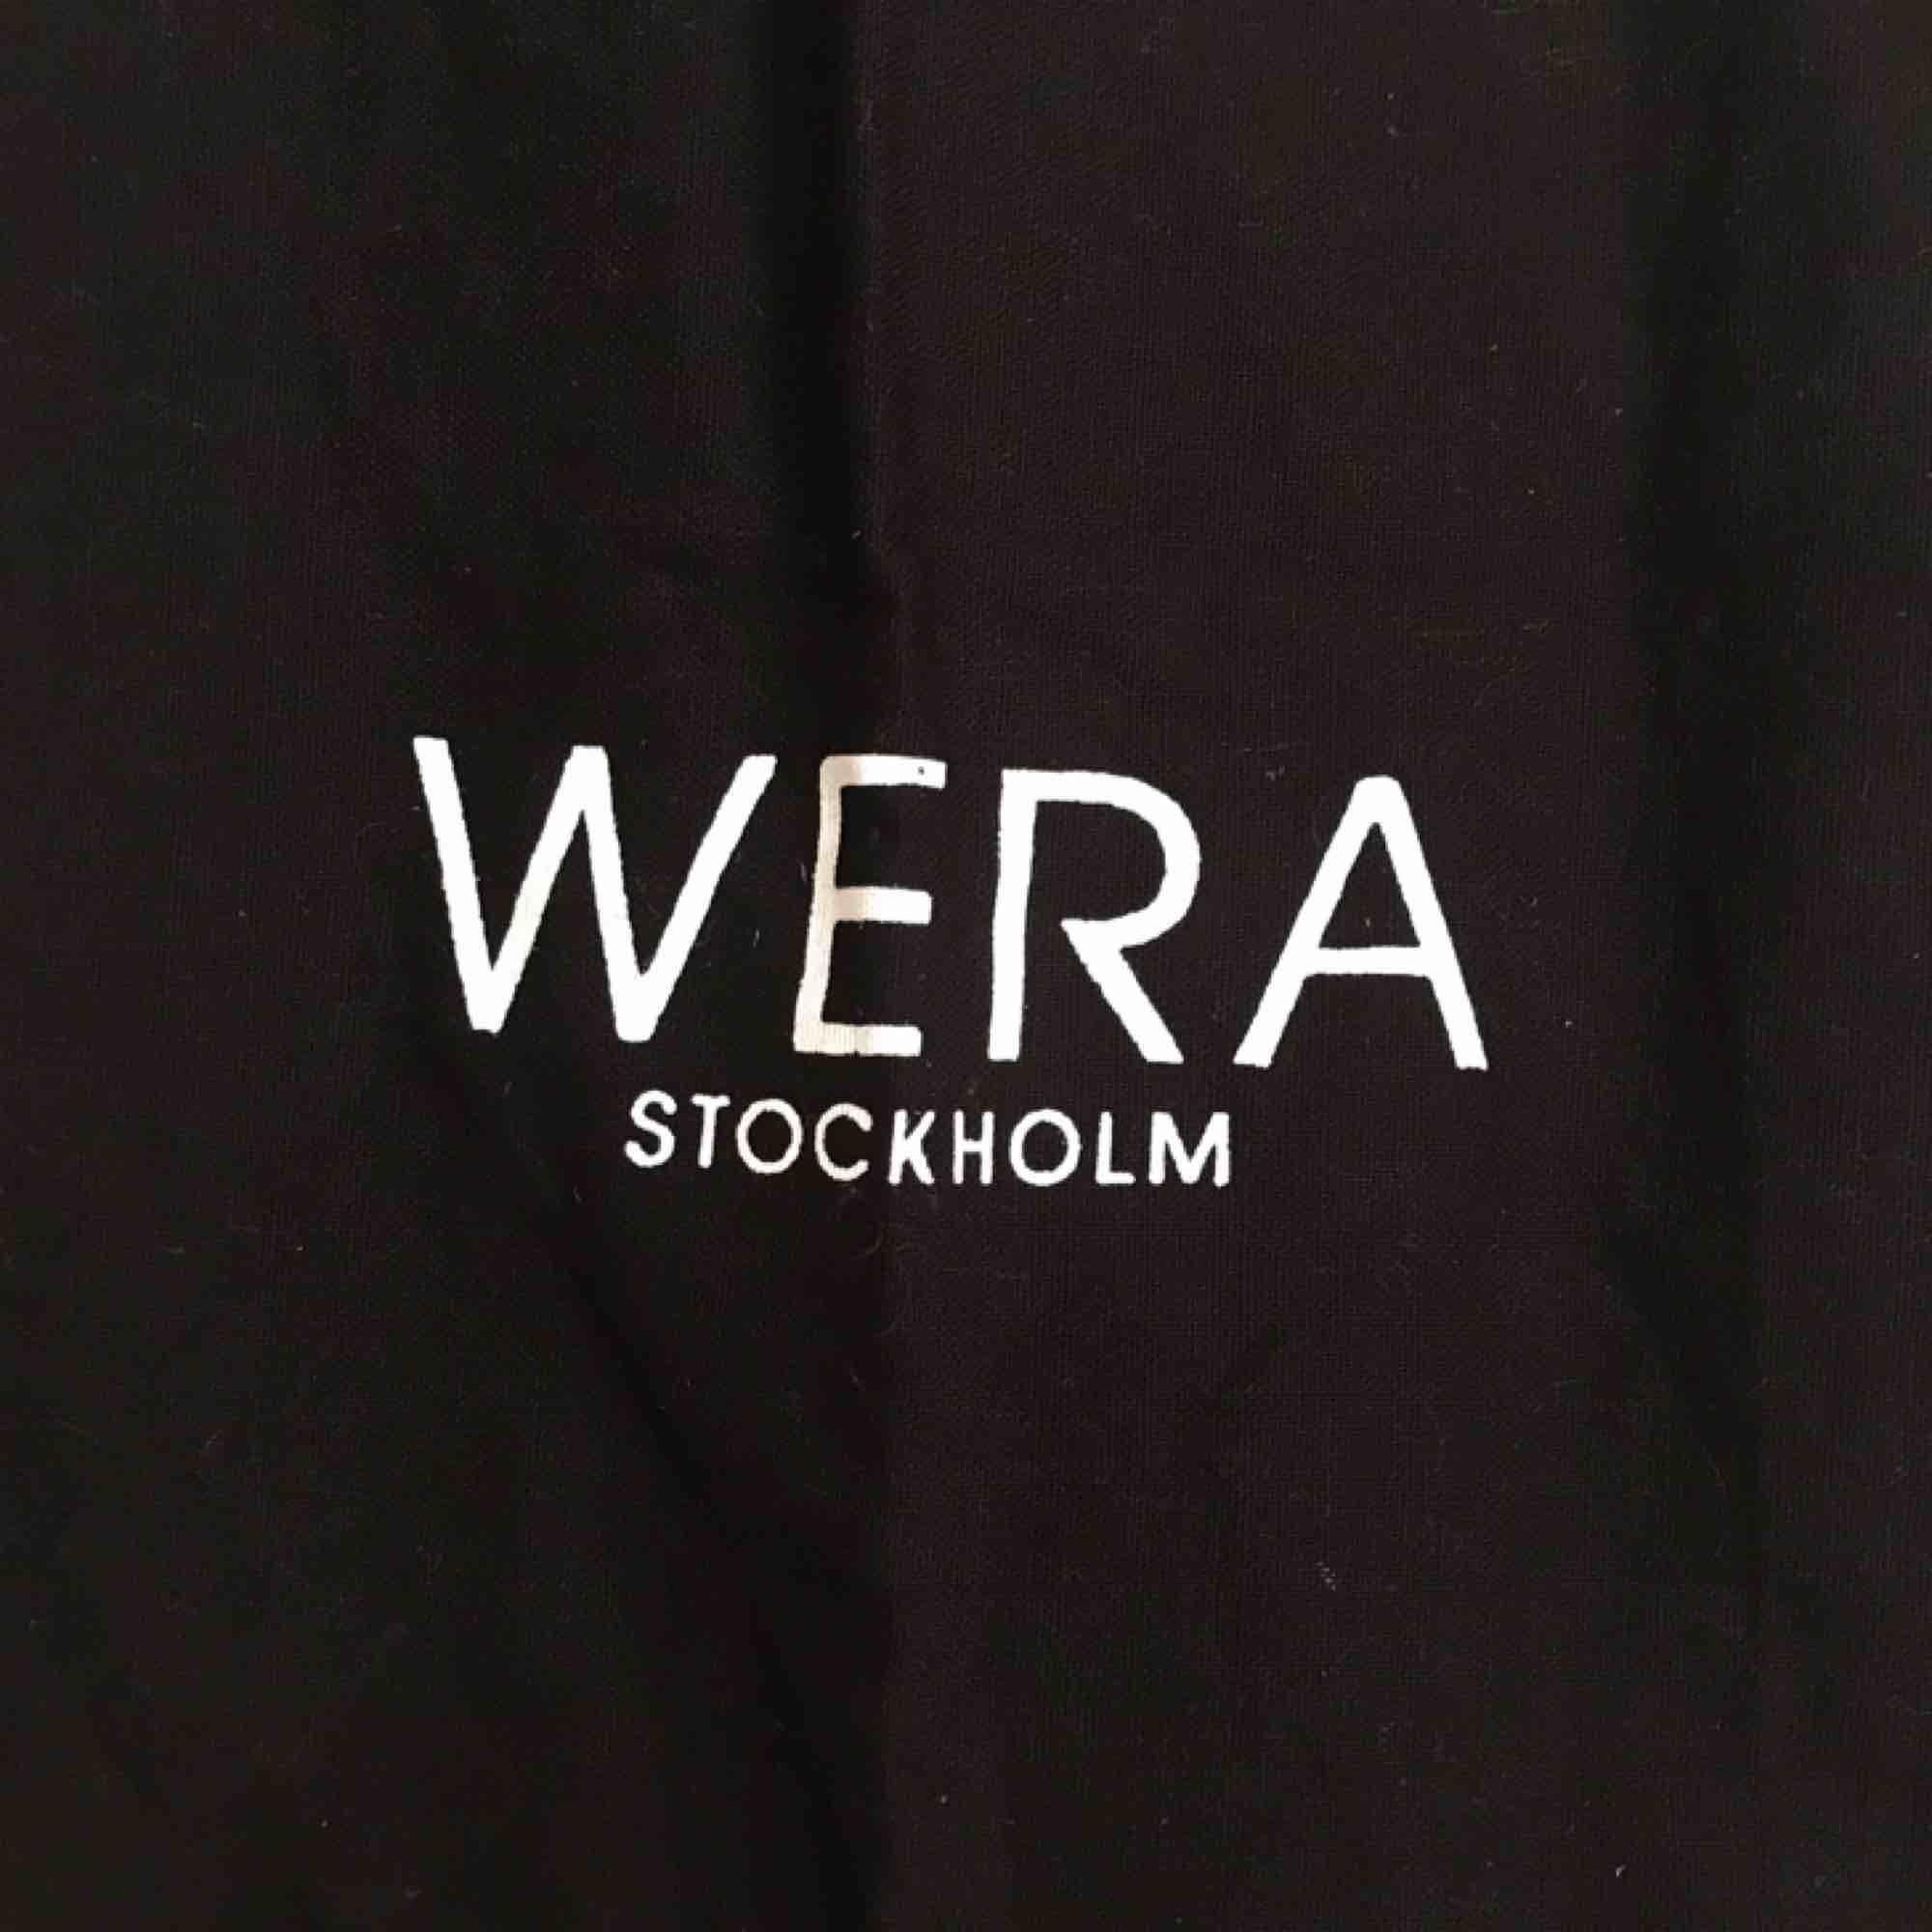 Tygkasse från WERA. Väskor.